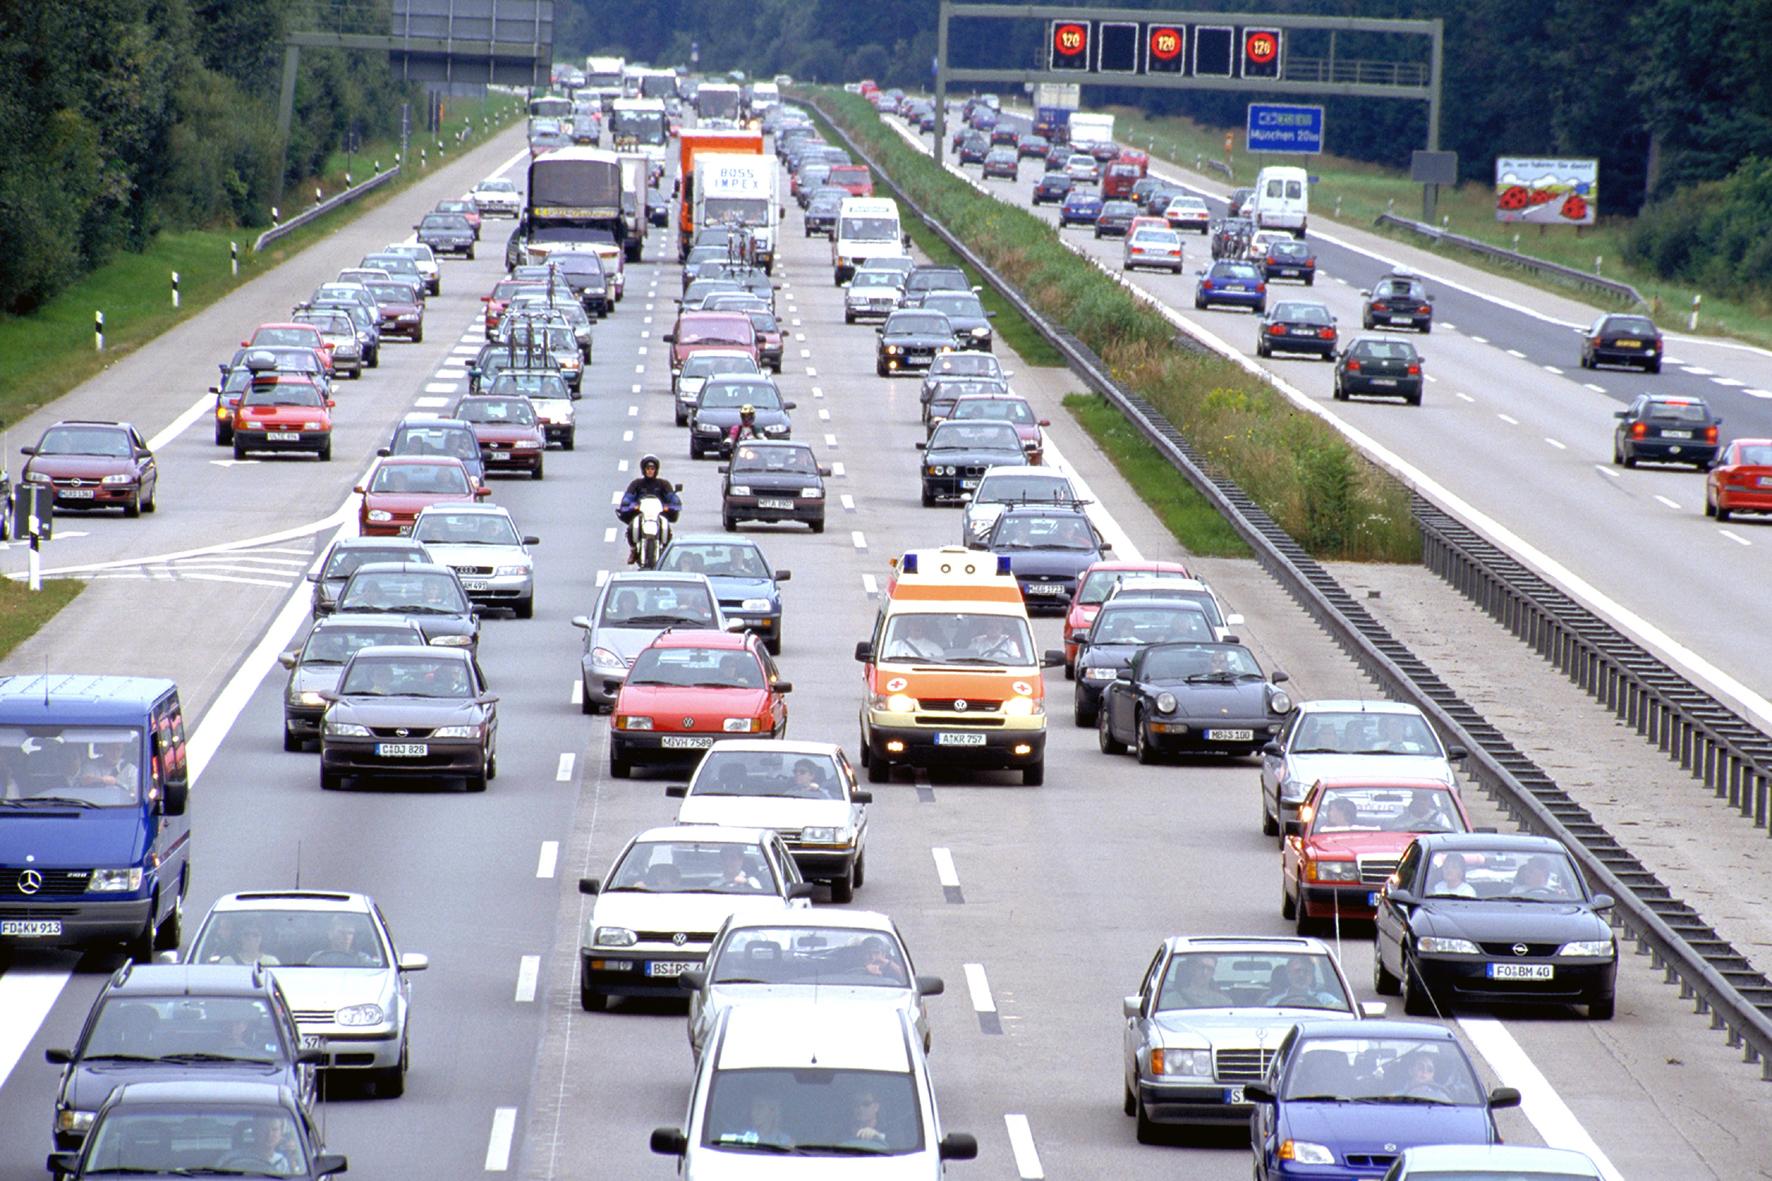 mid Groß-Gerau - Zu Weihnachten wird es wieder voll auf deutschen Autobahnen. Das große Verkehrs-Chaos zum Fest wird 2015 allerdings voraussichtlich ausbleiben.